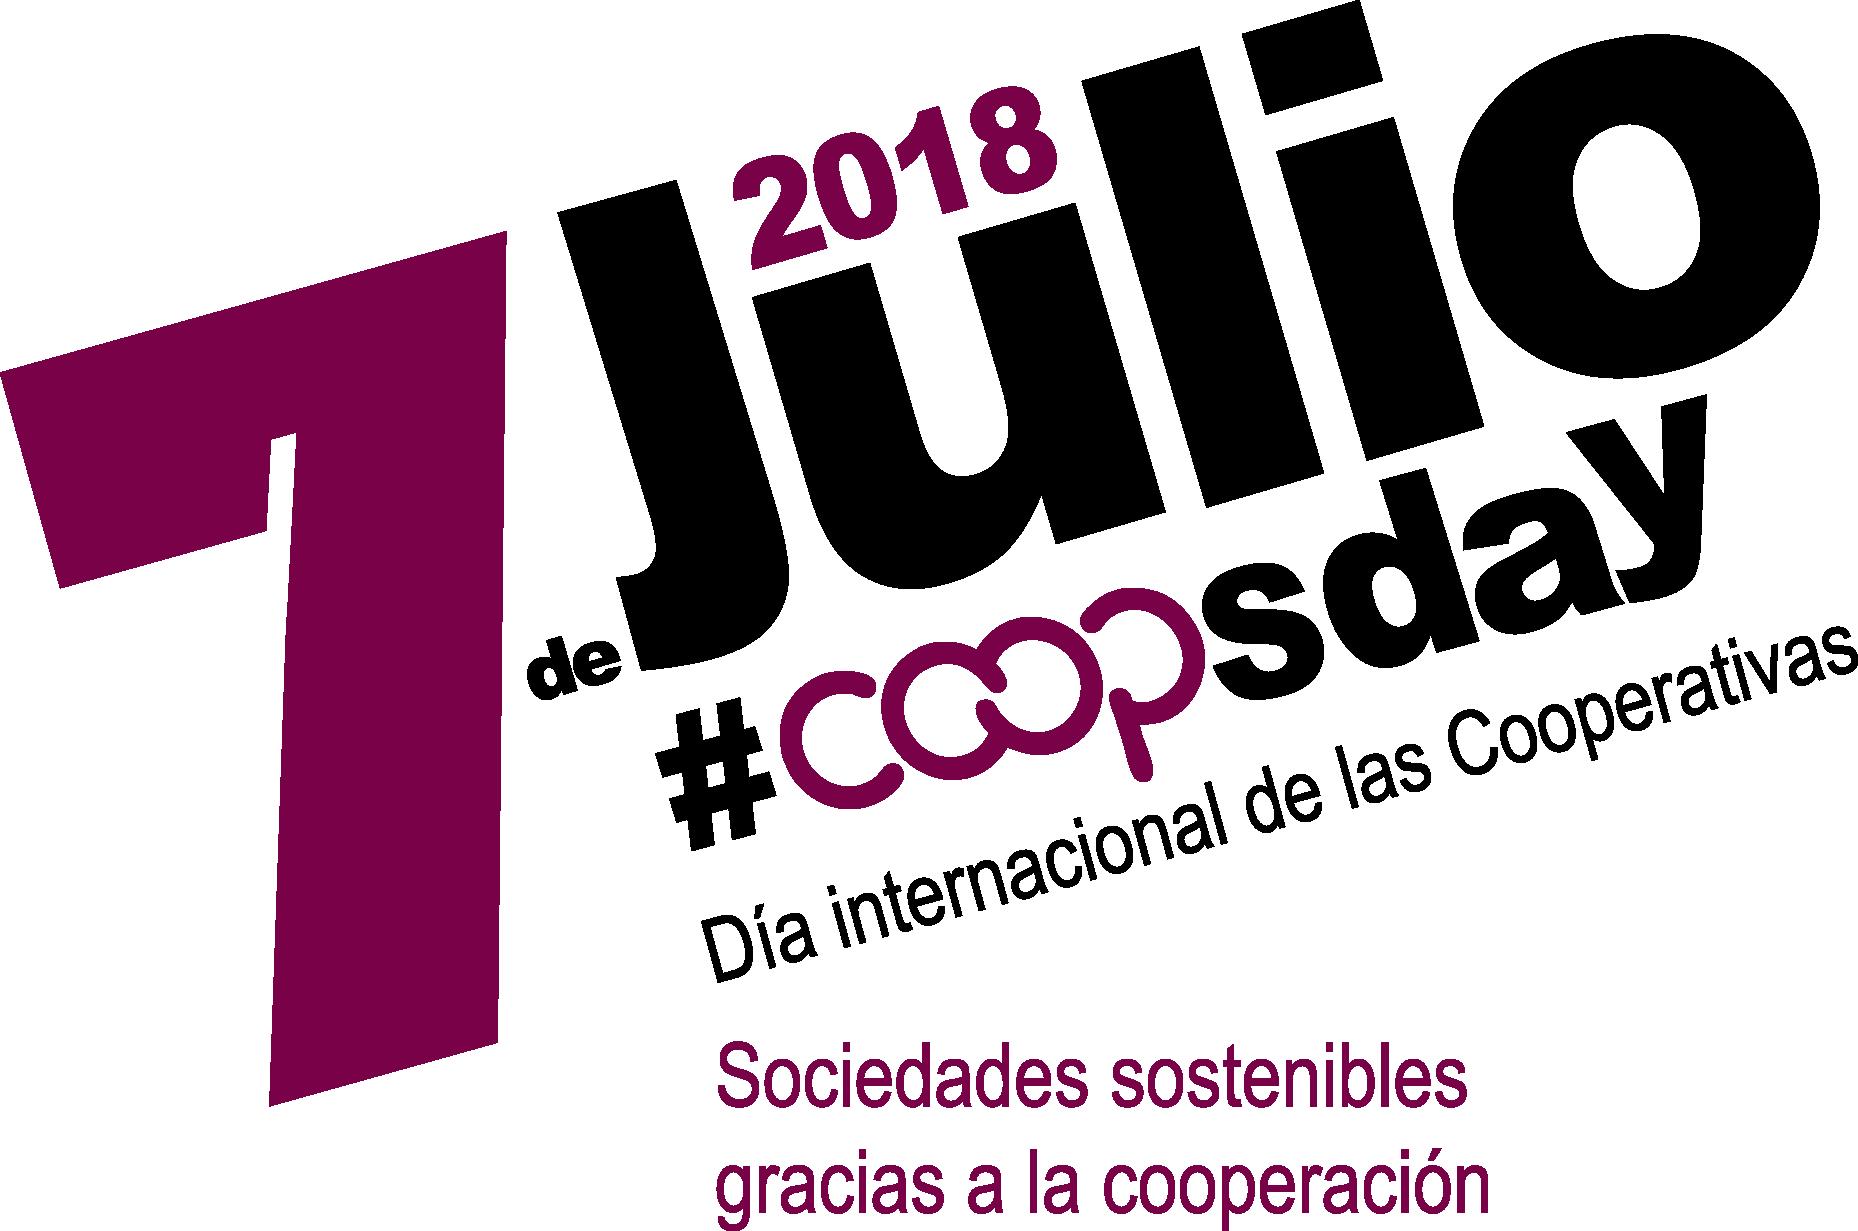 Día Internacional de las Cooperativas: Sociedades sostenibles gracias a la cooperación